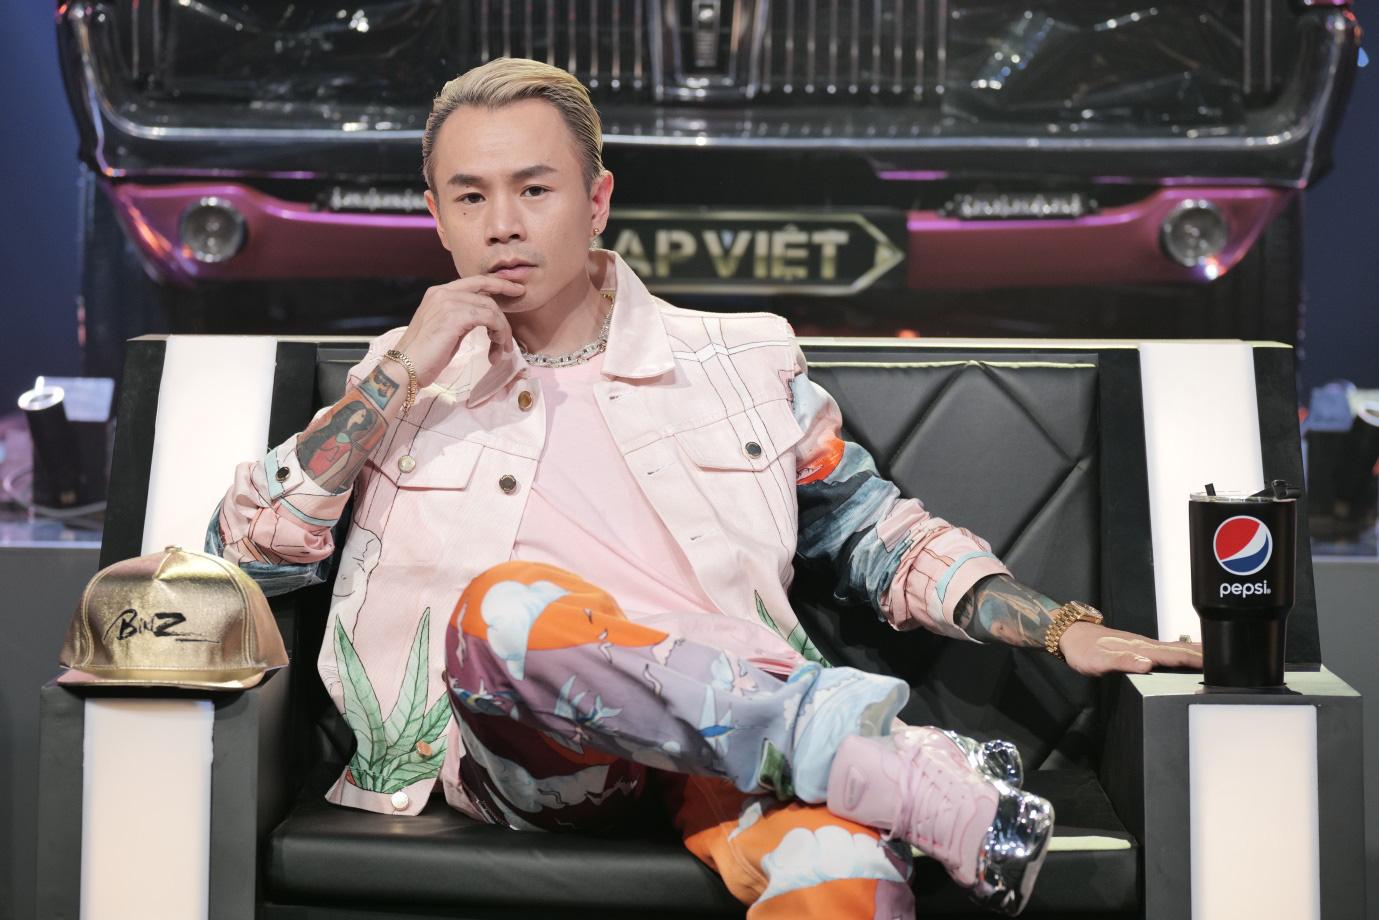 Cùng Rap Việt đánh chiếm top 1 trending YouTube, SpaceSpeakers tiếp tục củng cố vị thế - Ảnh 5.